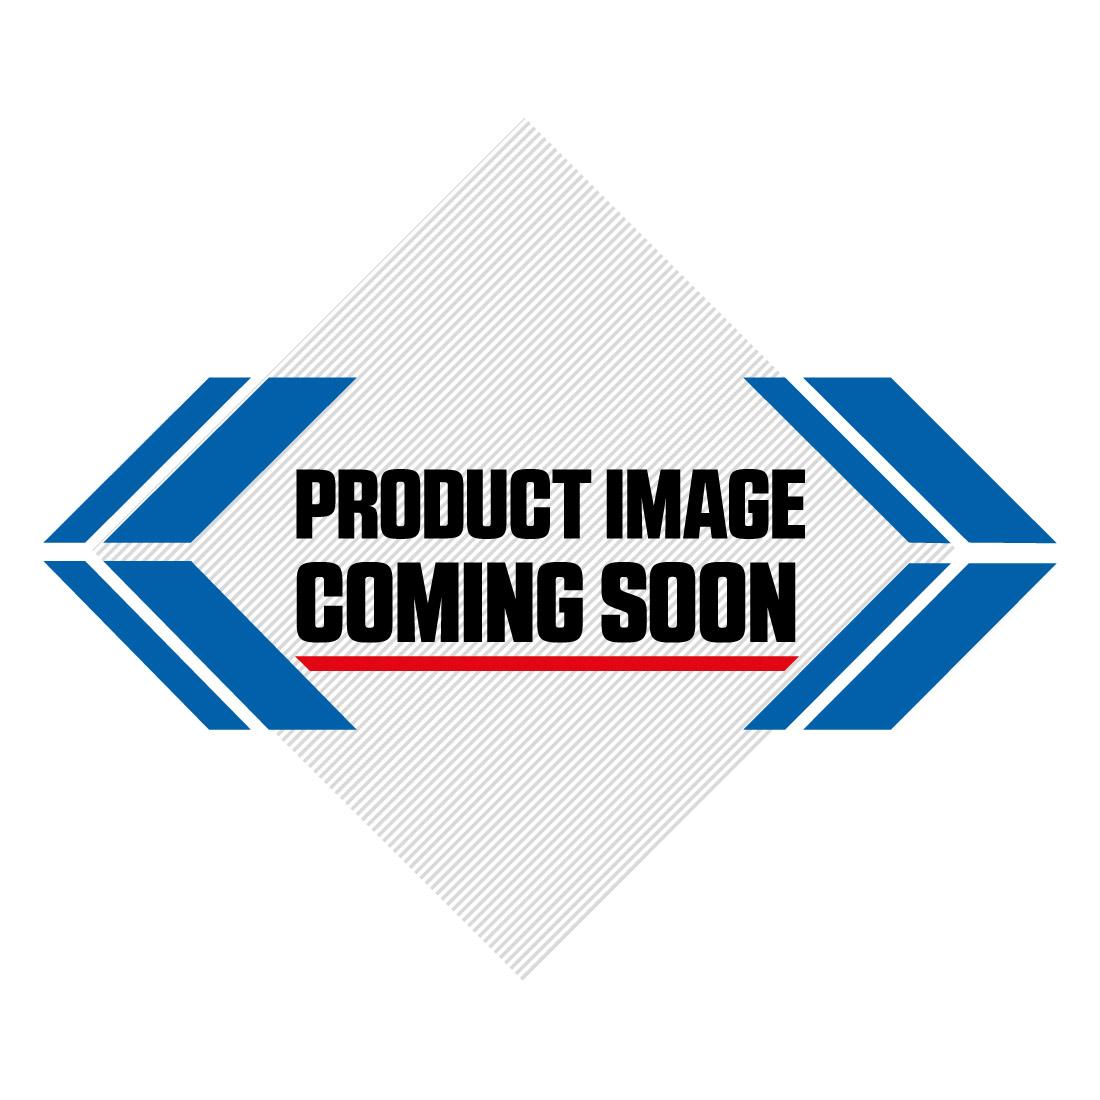 Husqvarna Plastic Kit OEM Factory (2014) Image-1>